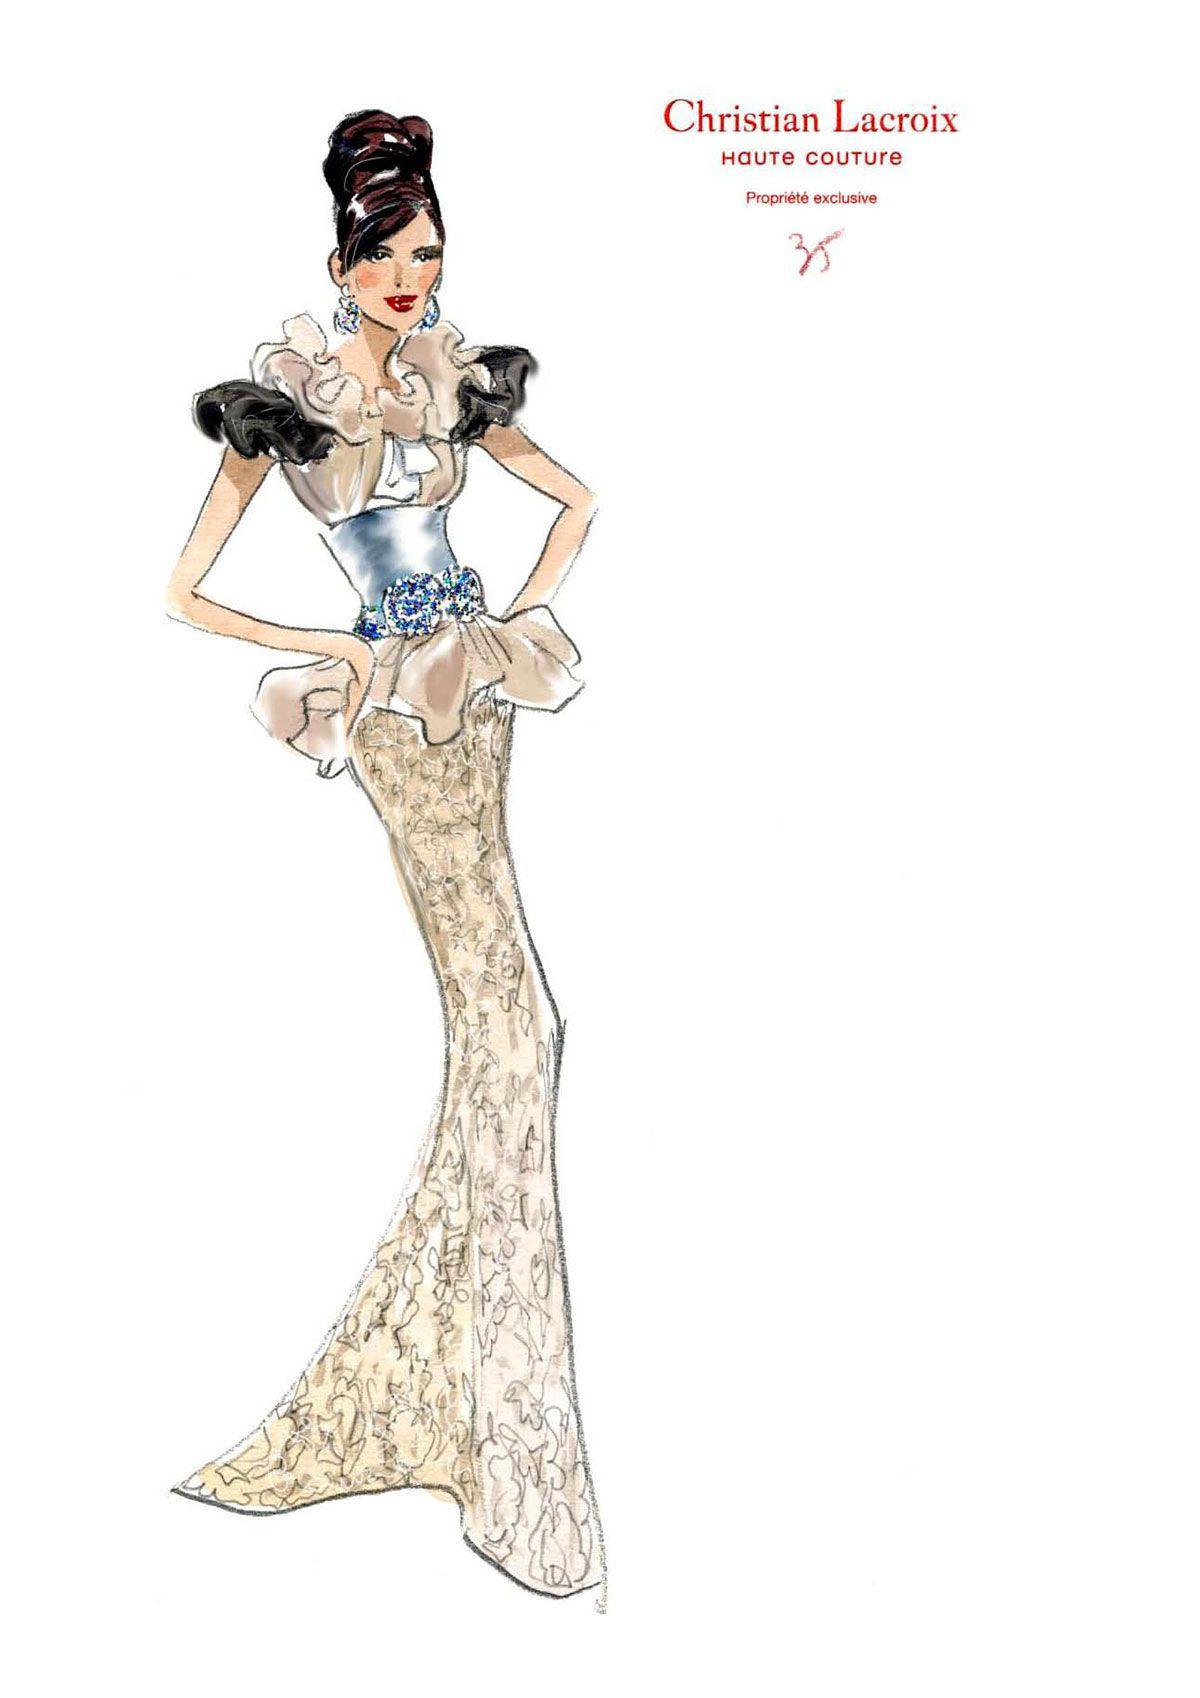 Lacroix croquis client le 4 dessin pinterest - Dessin de couture ...